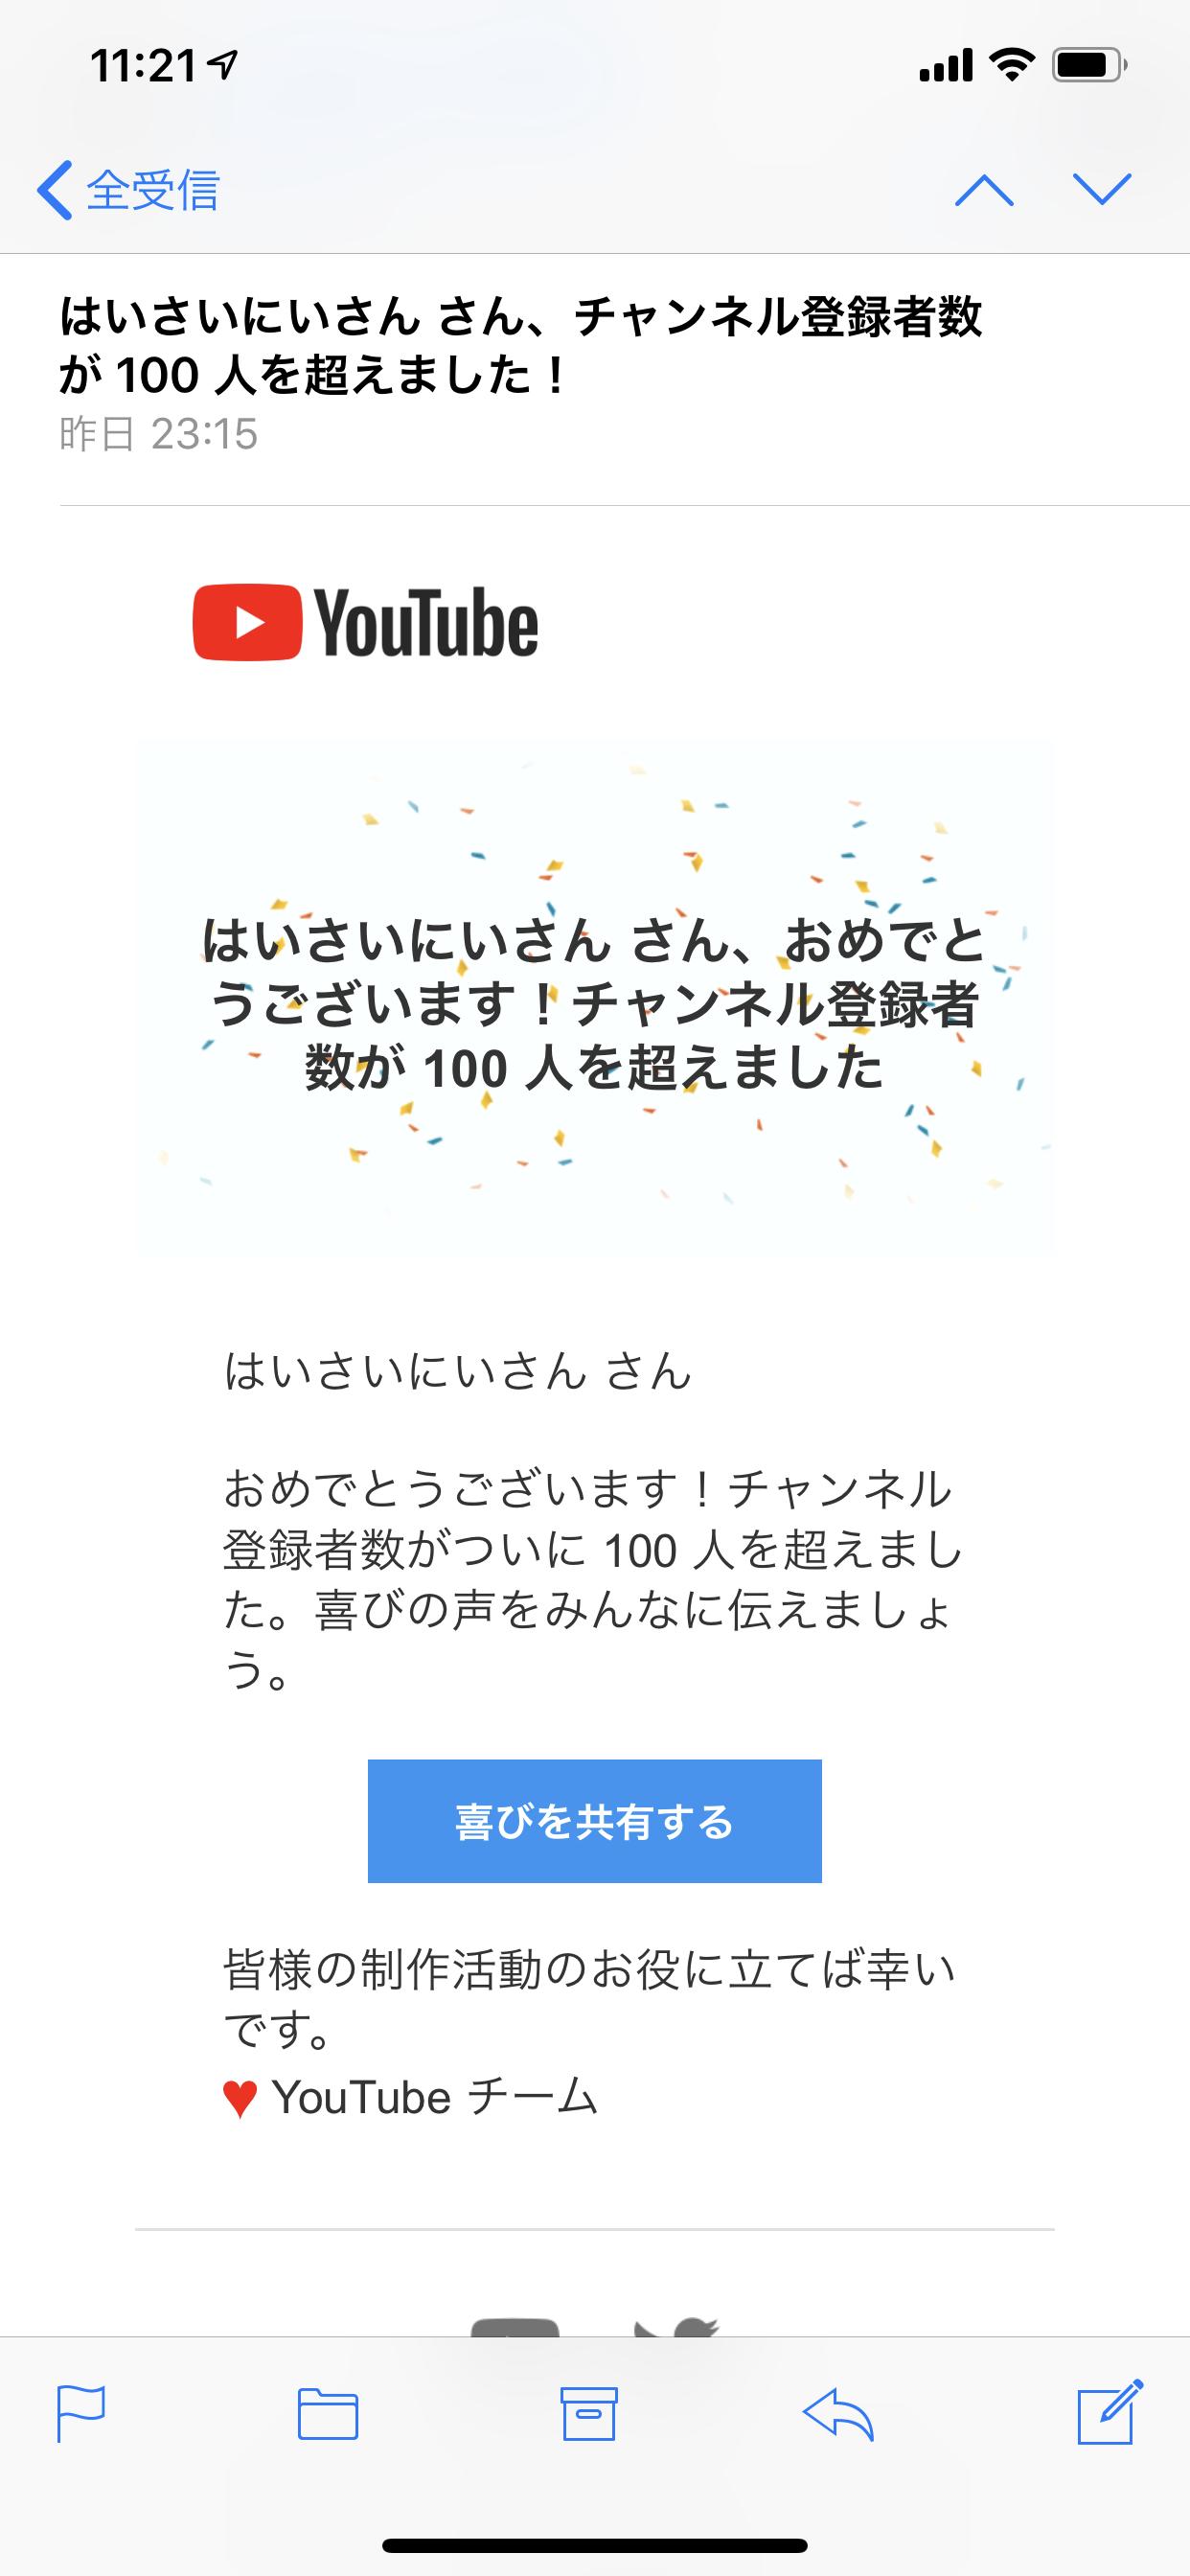 チャンネル登録者数 100人